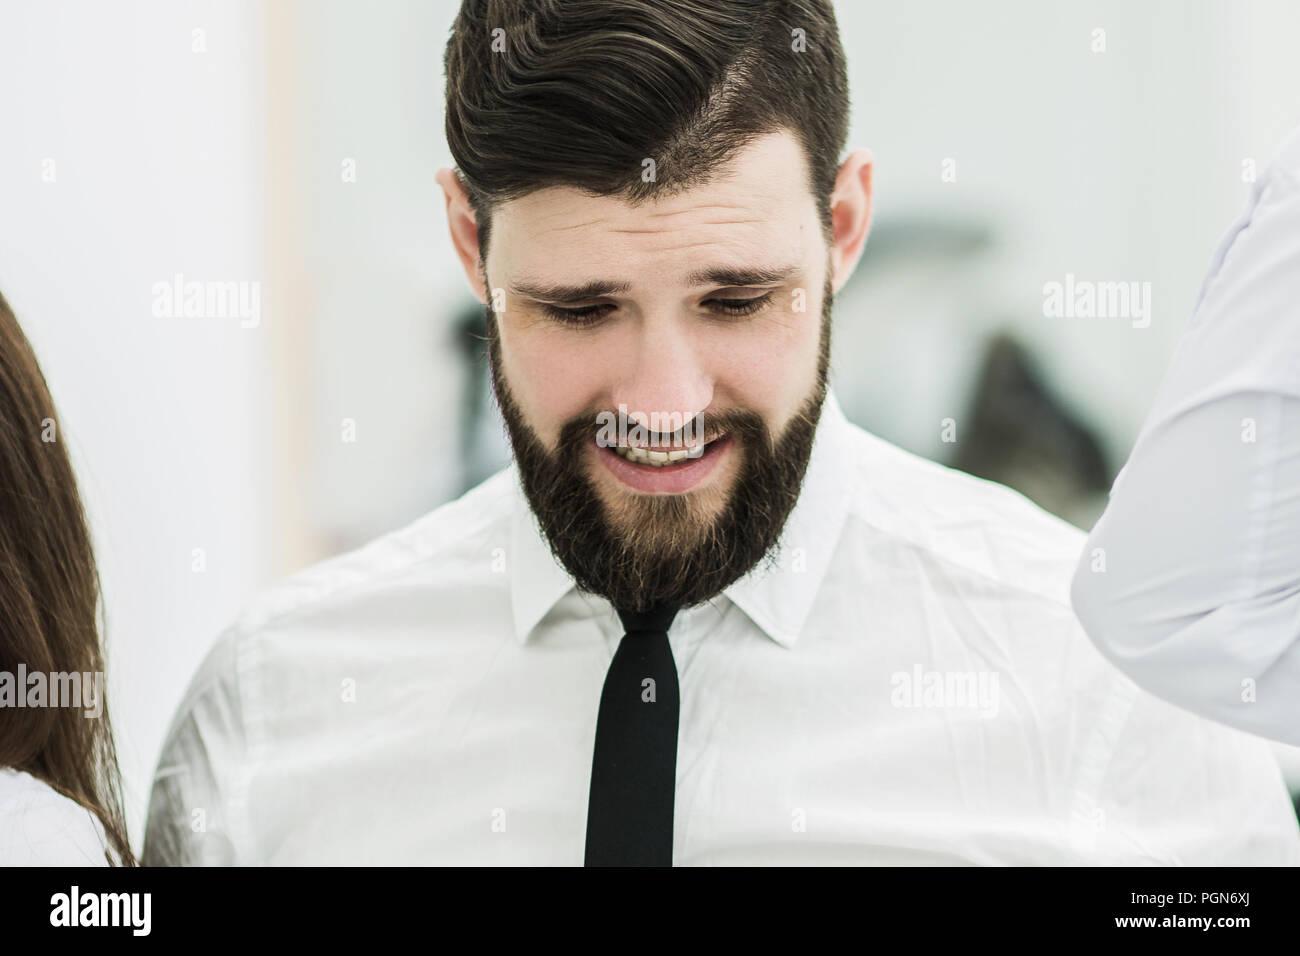 Ritratto di Manager di successo sul posto di lavoro in ufficio Immagini Stock